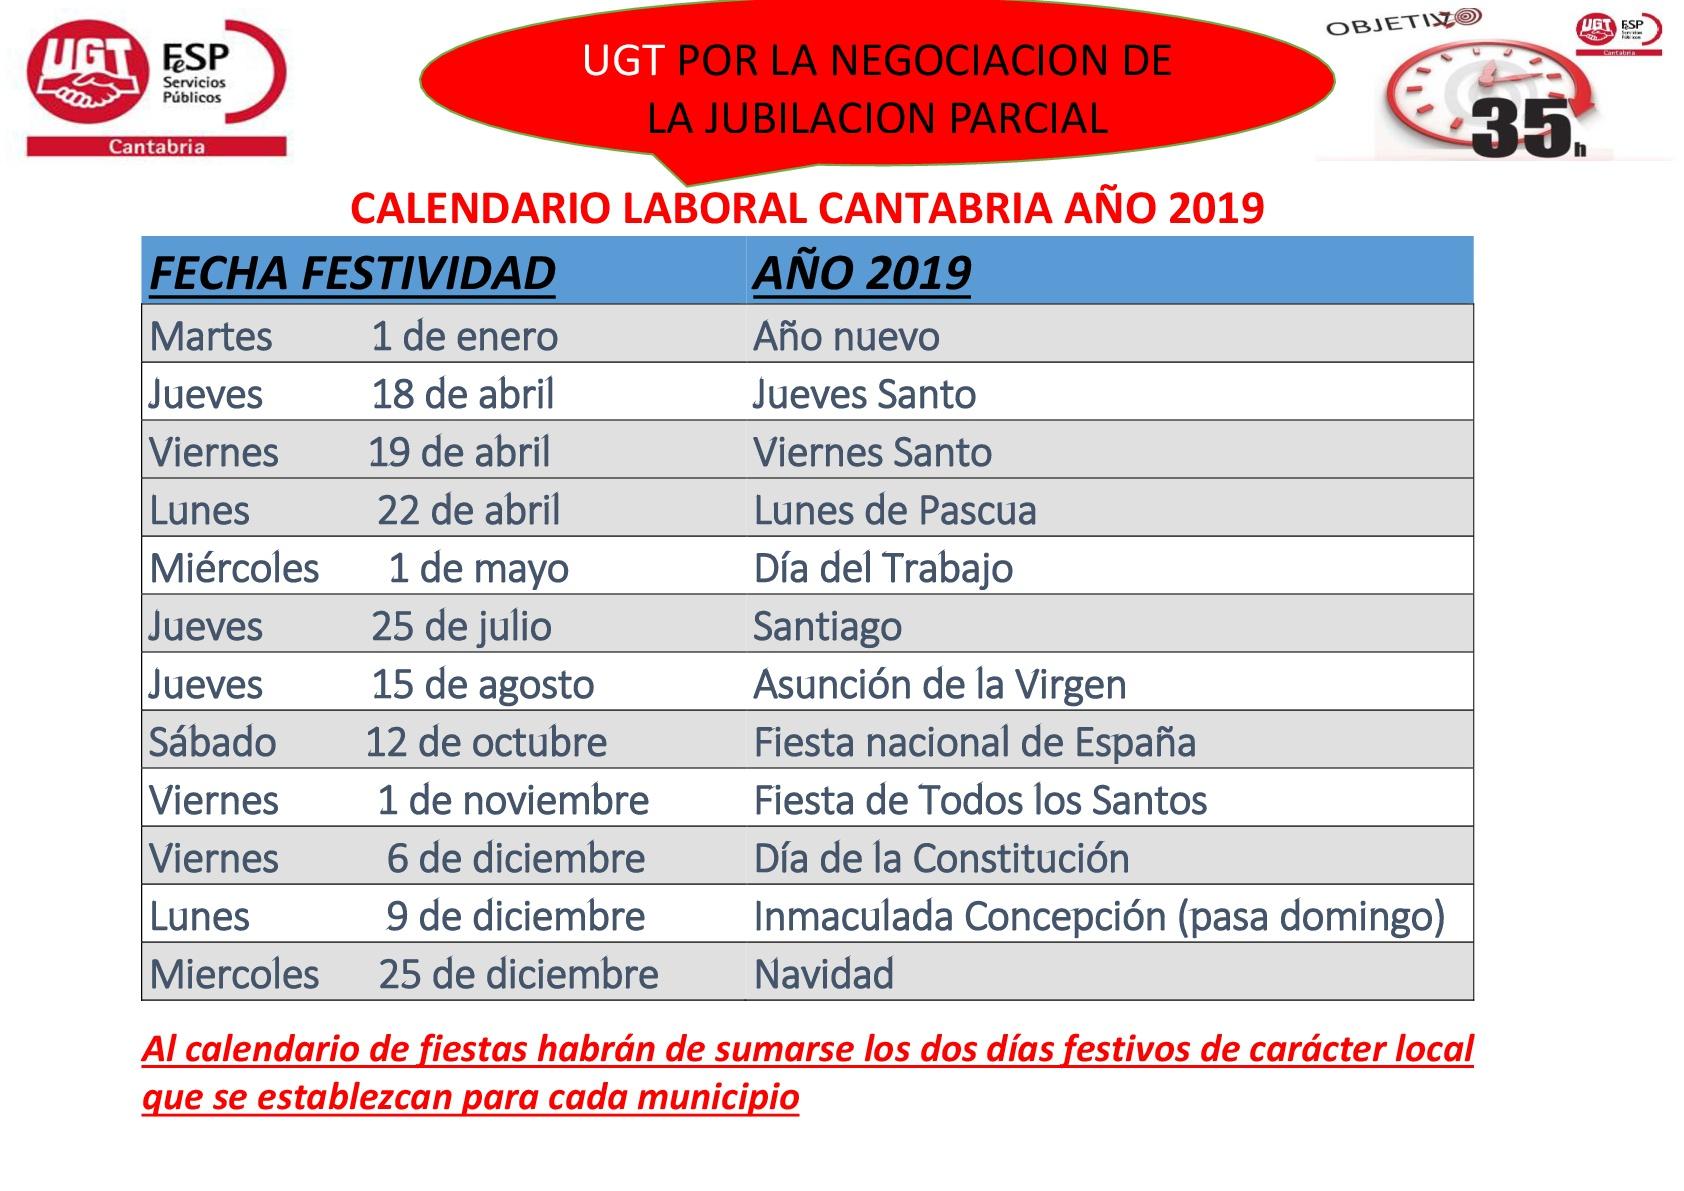 3cbf0b65a5f CALENDARIO LABORAL CANTABRIA AÑO 2019 - Sanidad en UGTCantabria ...